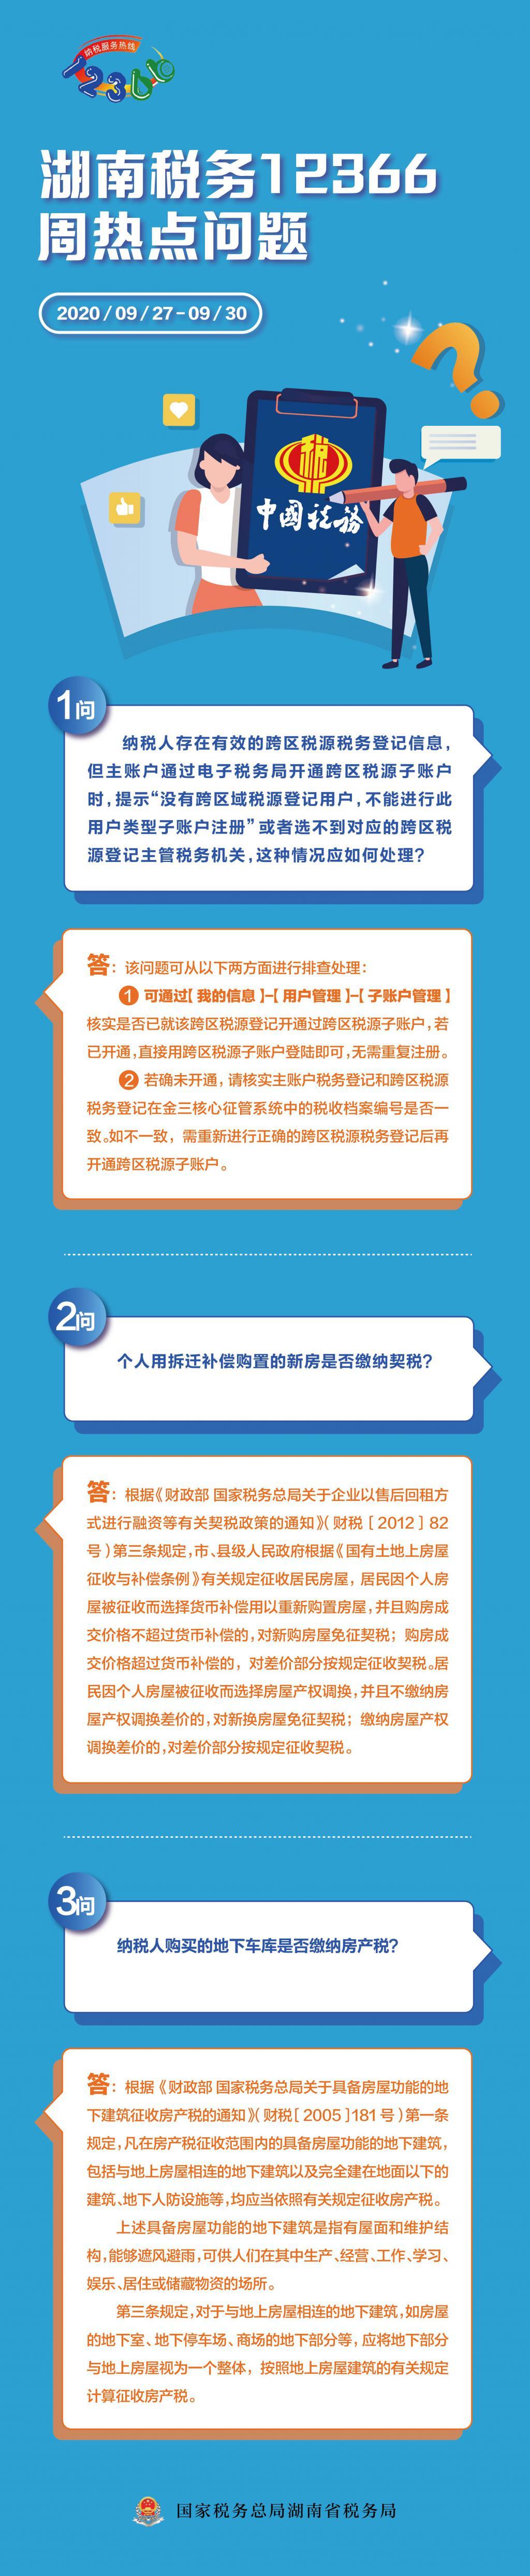 湖南税务热点:购买地下车库需要缴纳房产税吗?